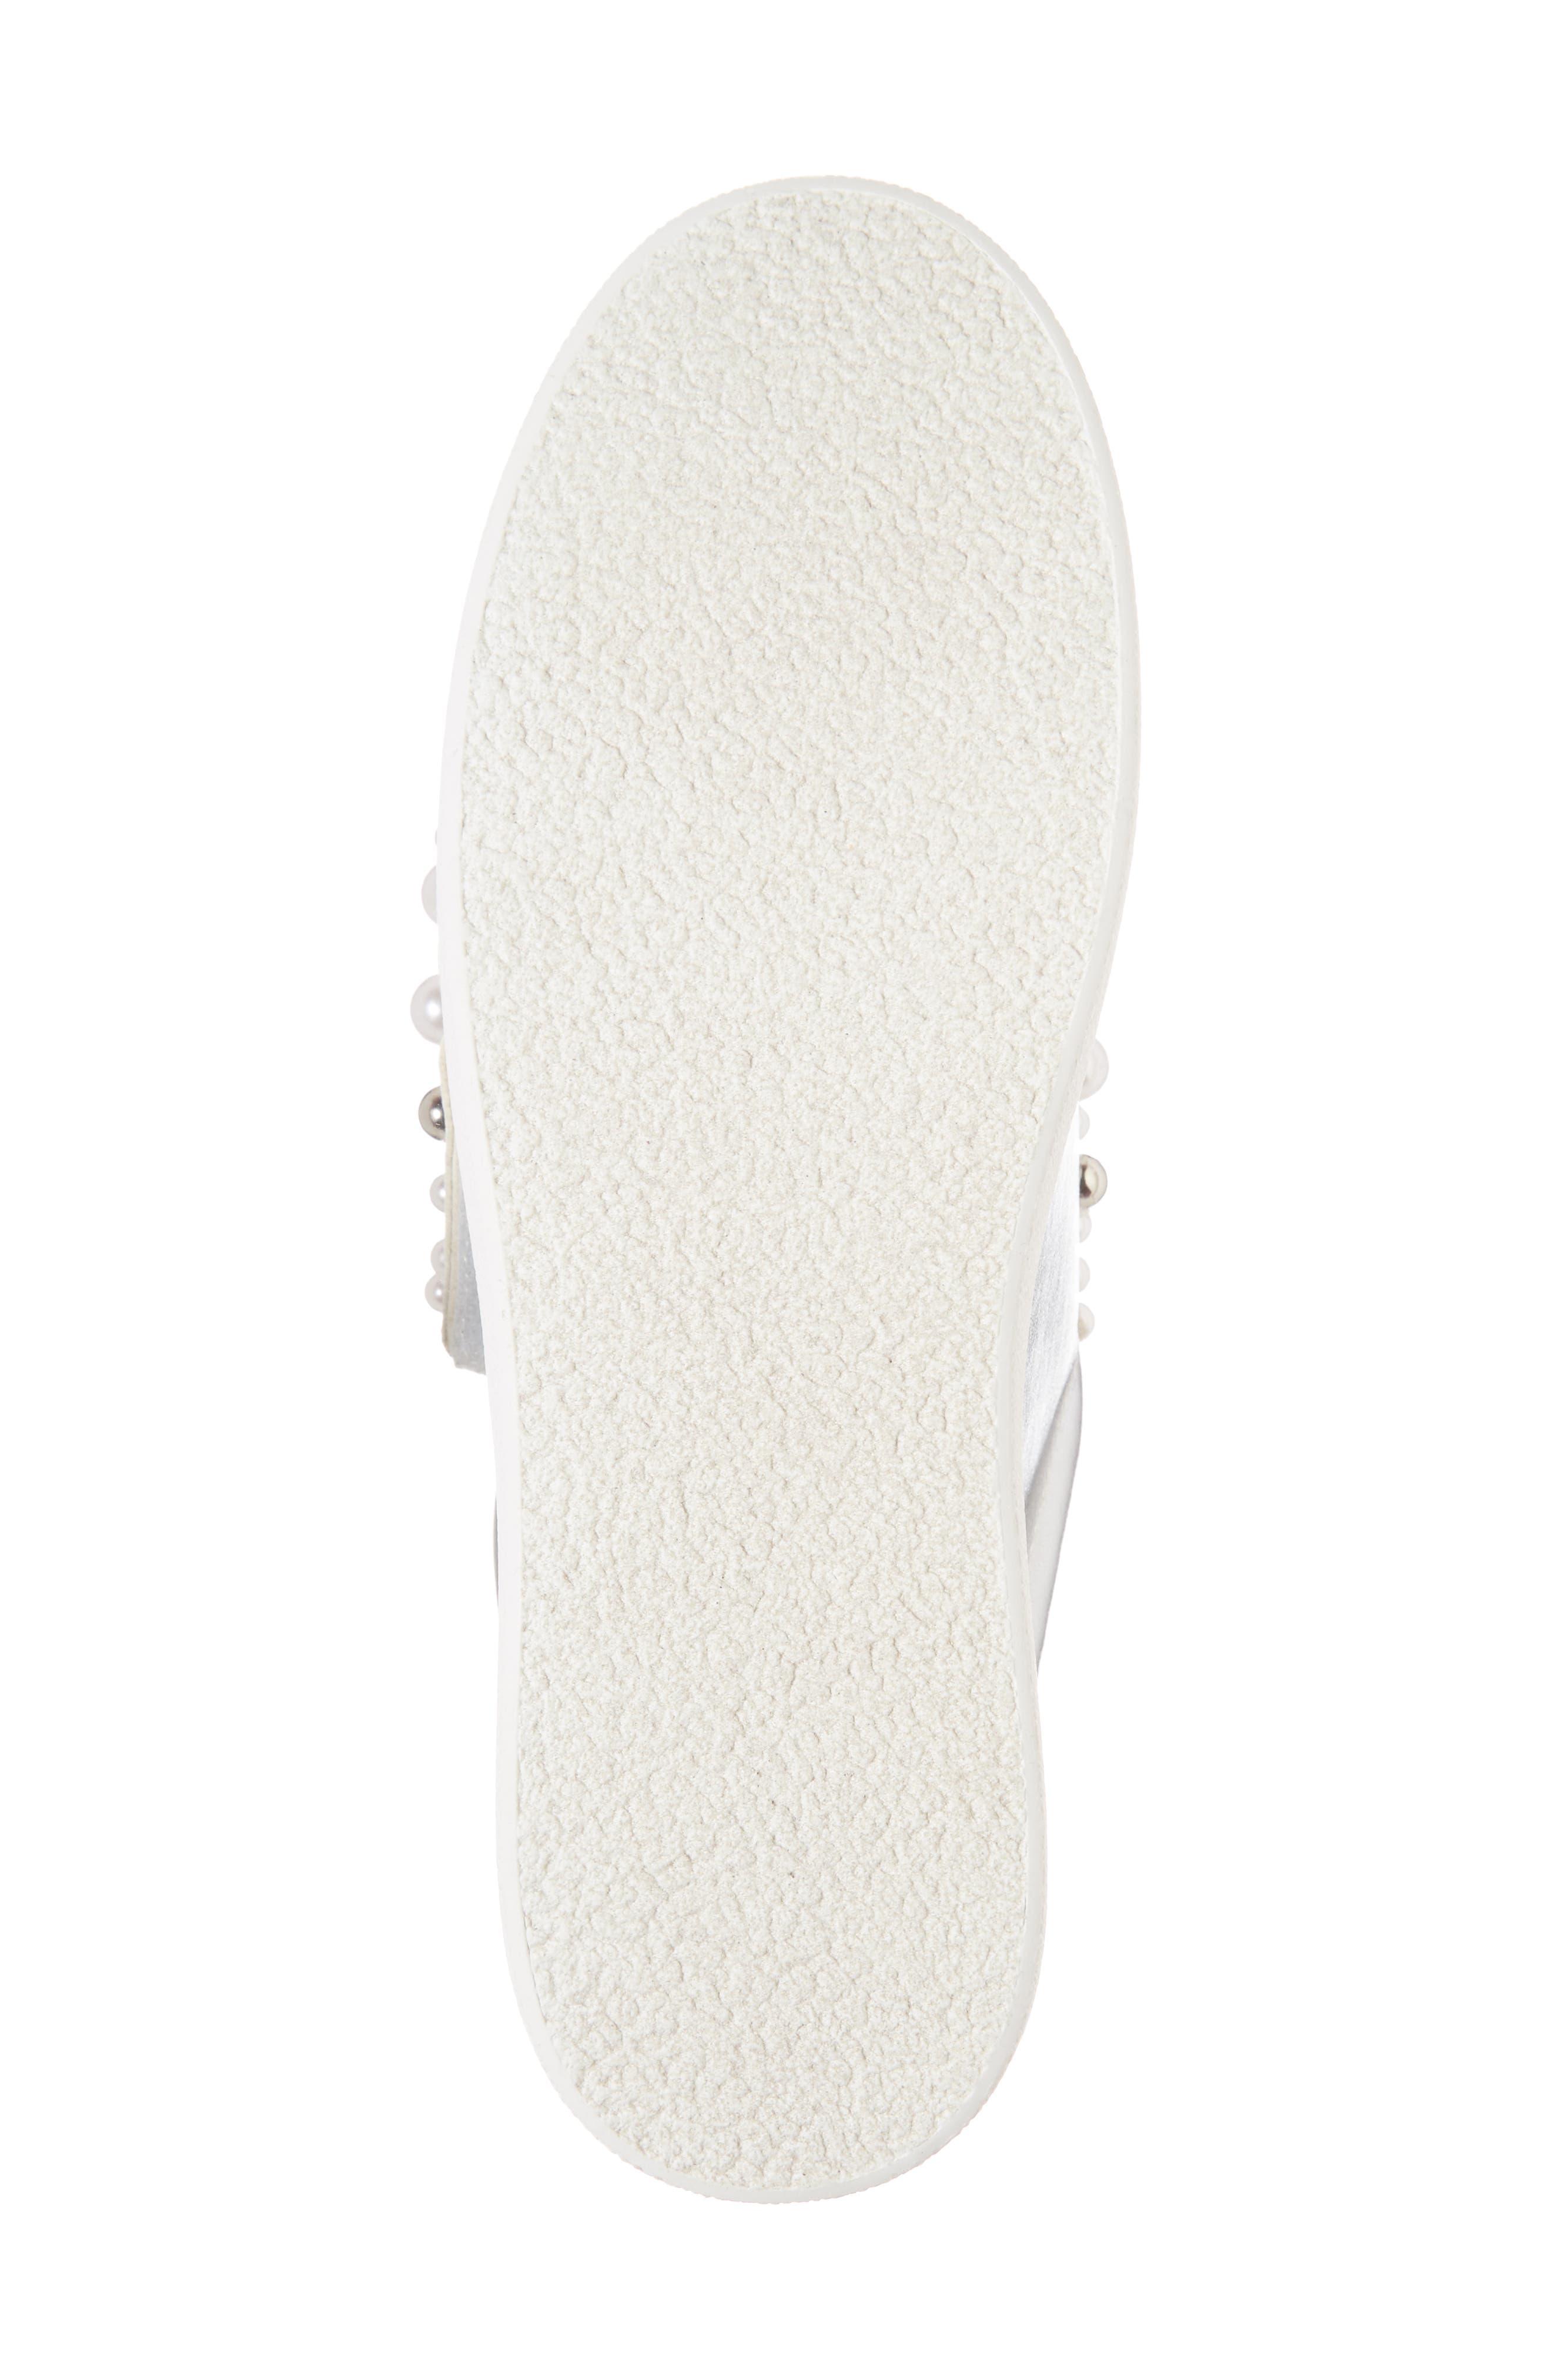 Lion Embellished Slip-On Platform Sneaker,                             Alternate thumbnail 6, color,                             Silver Faux Leather